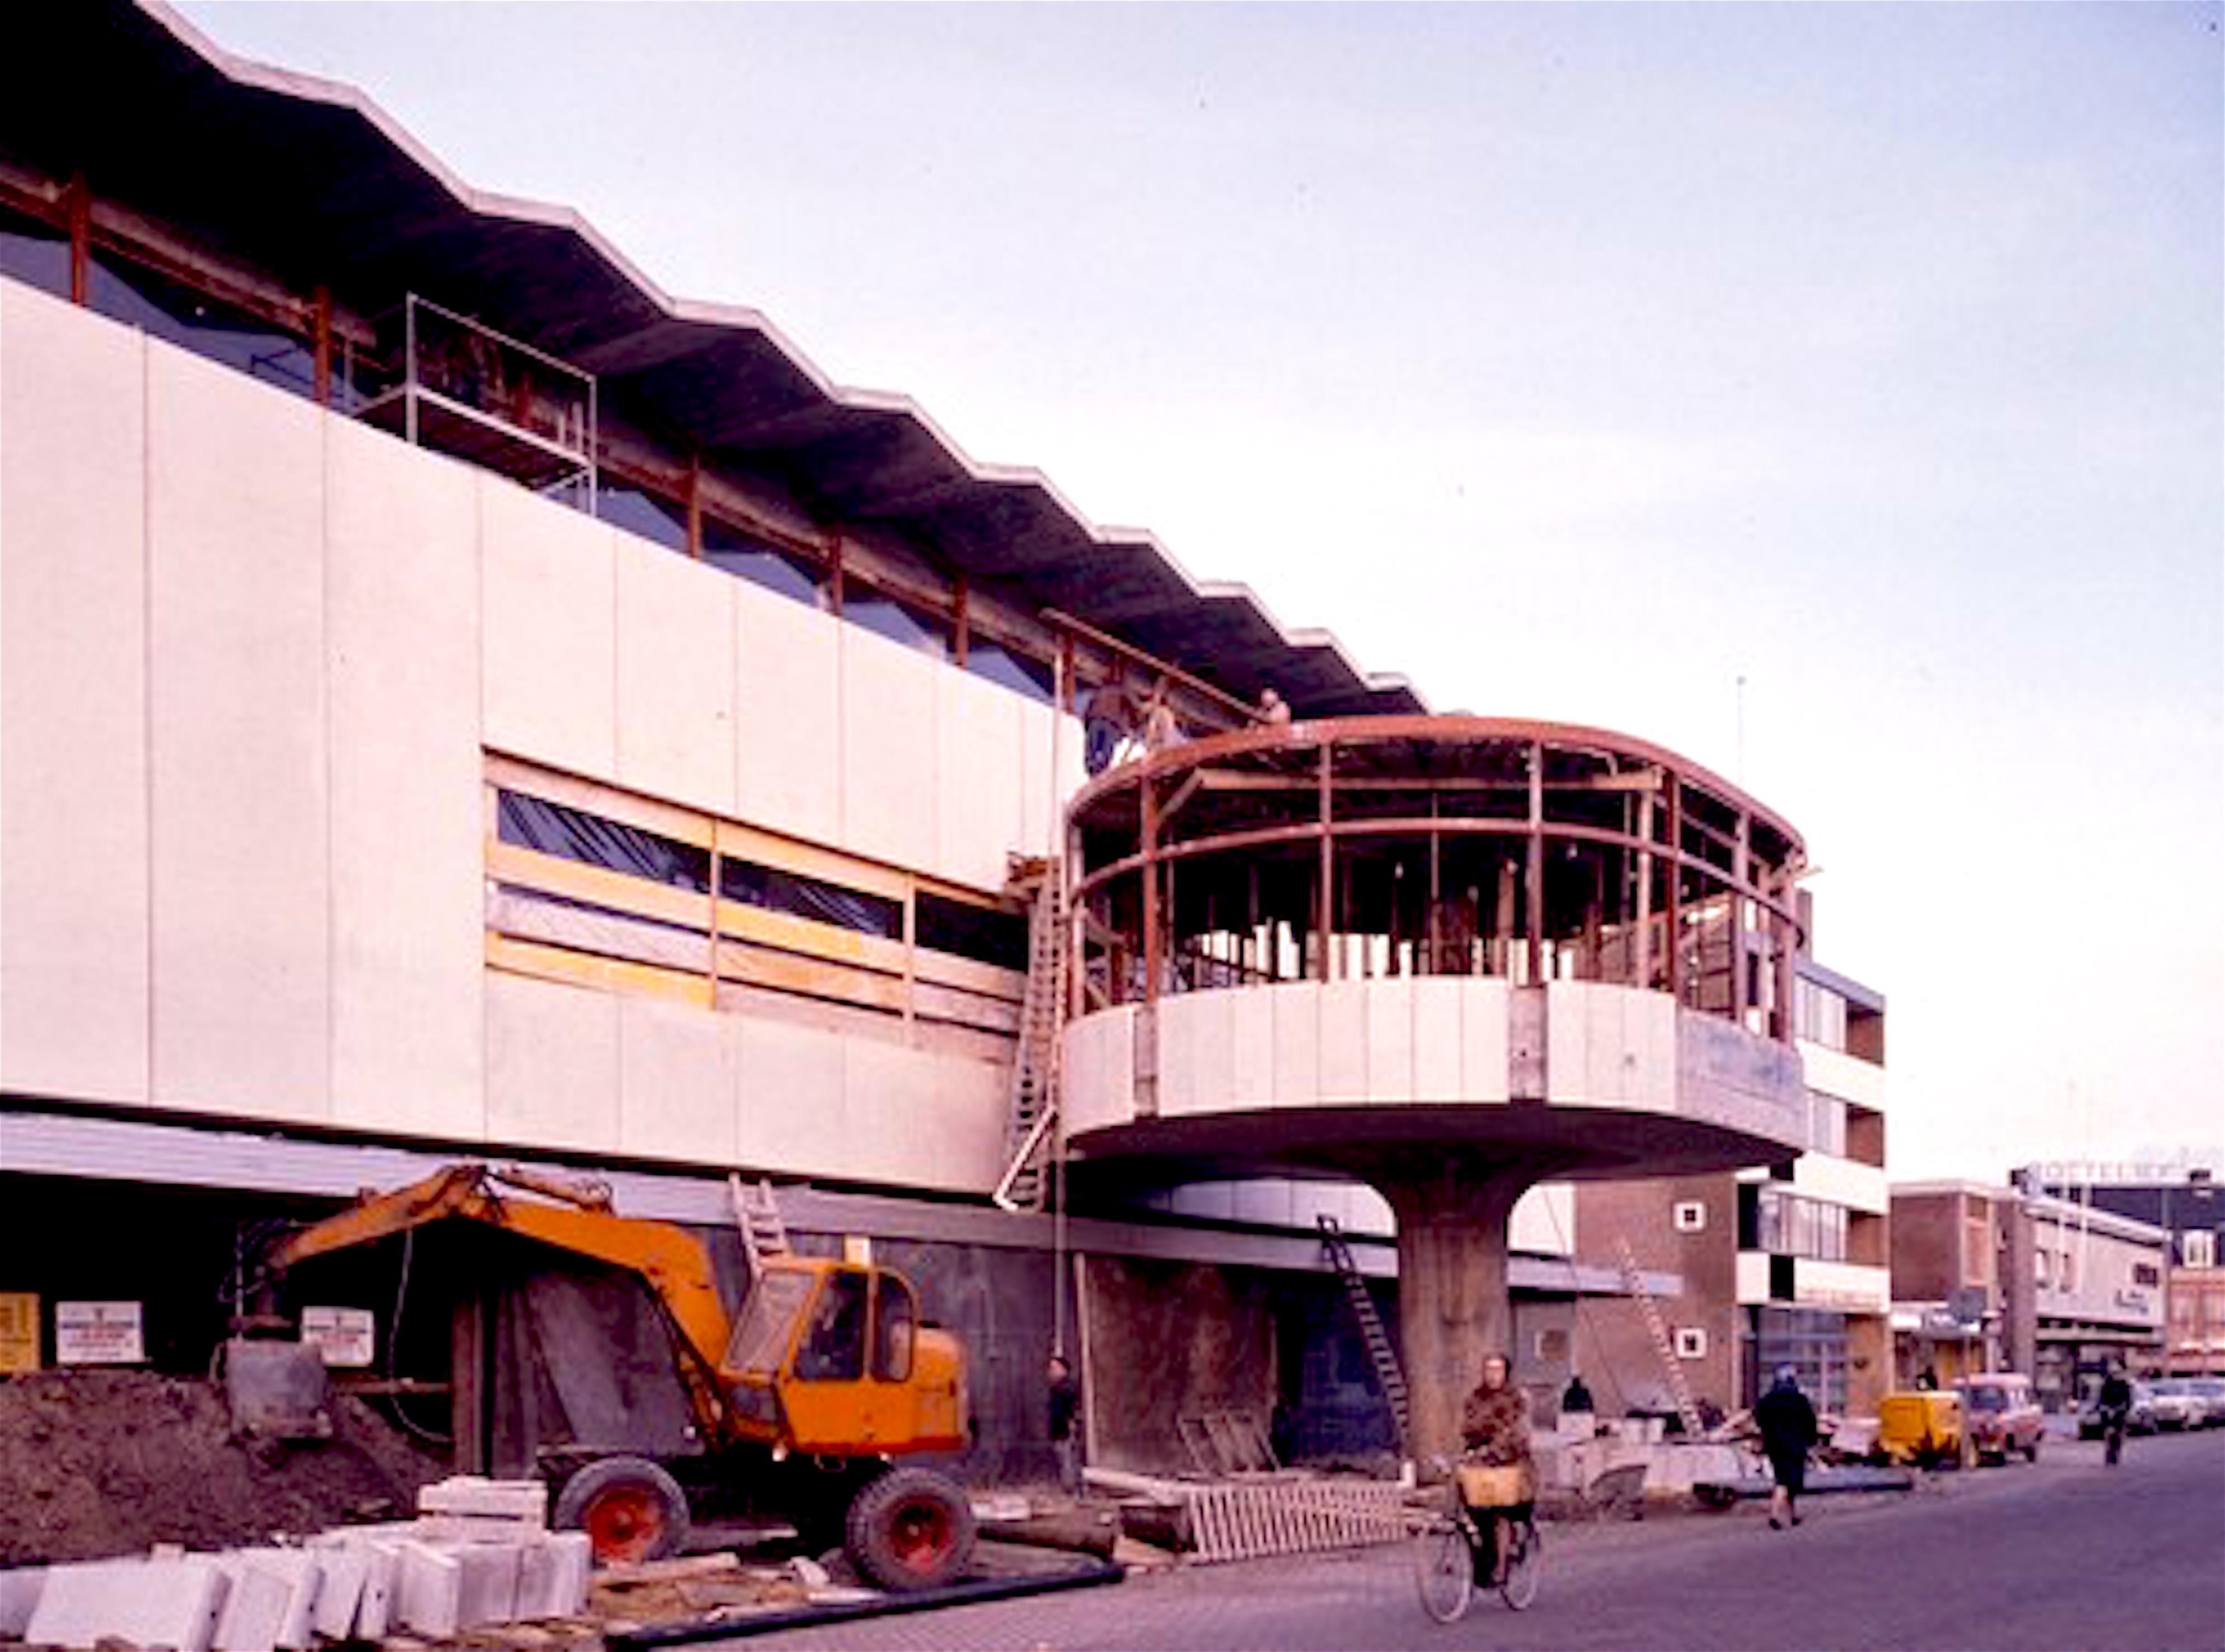 De bouw van de Paddenstoel bij Vroom & Dreesmann aan de Beatrixstraat in 1965 (Foto Helderse Historische Vereniging)